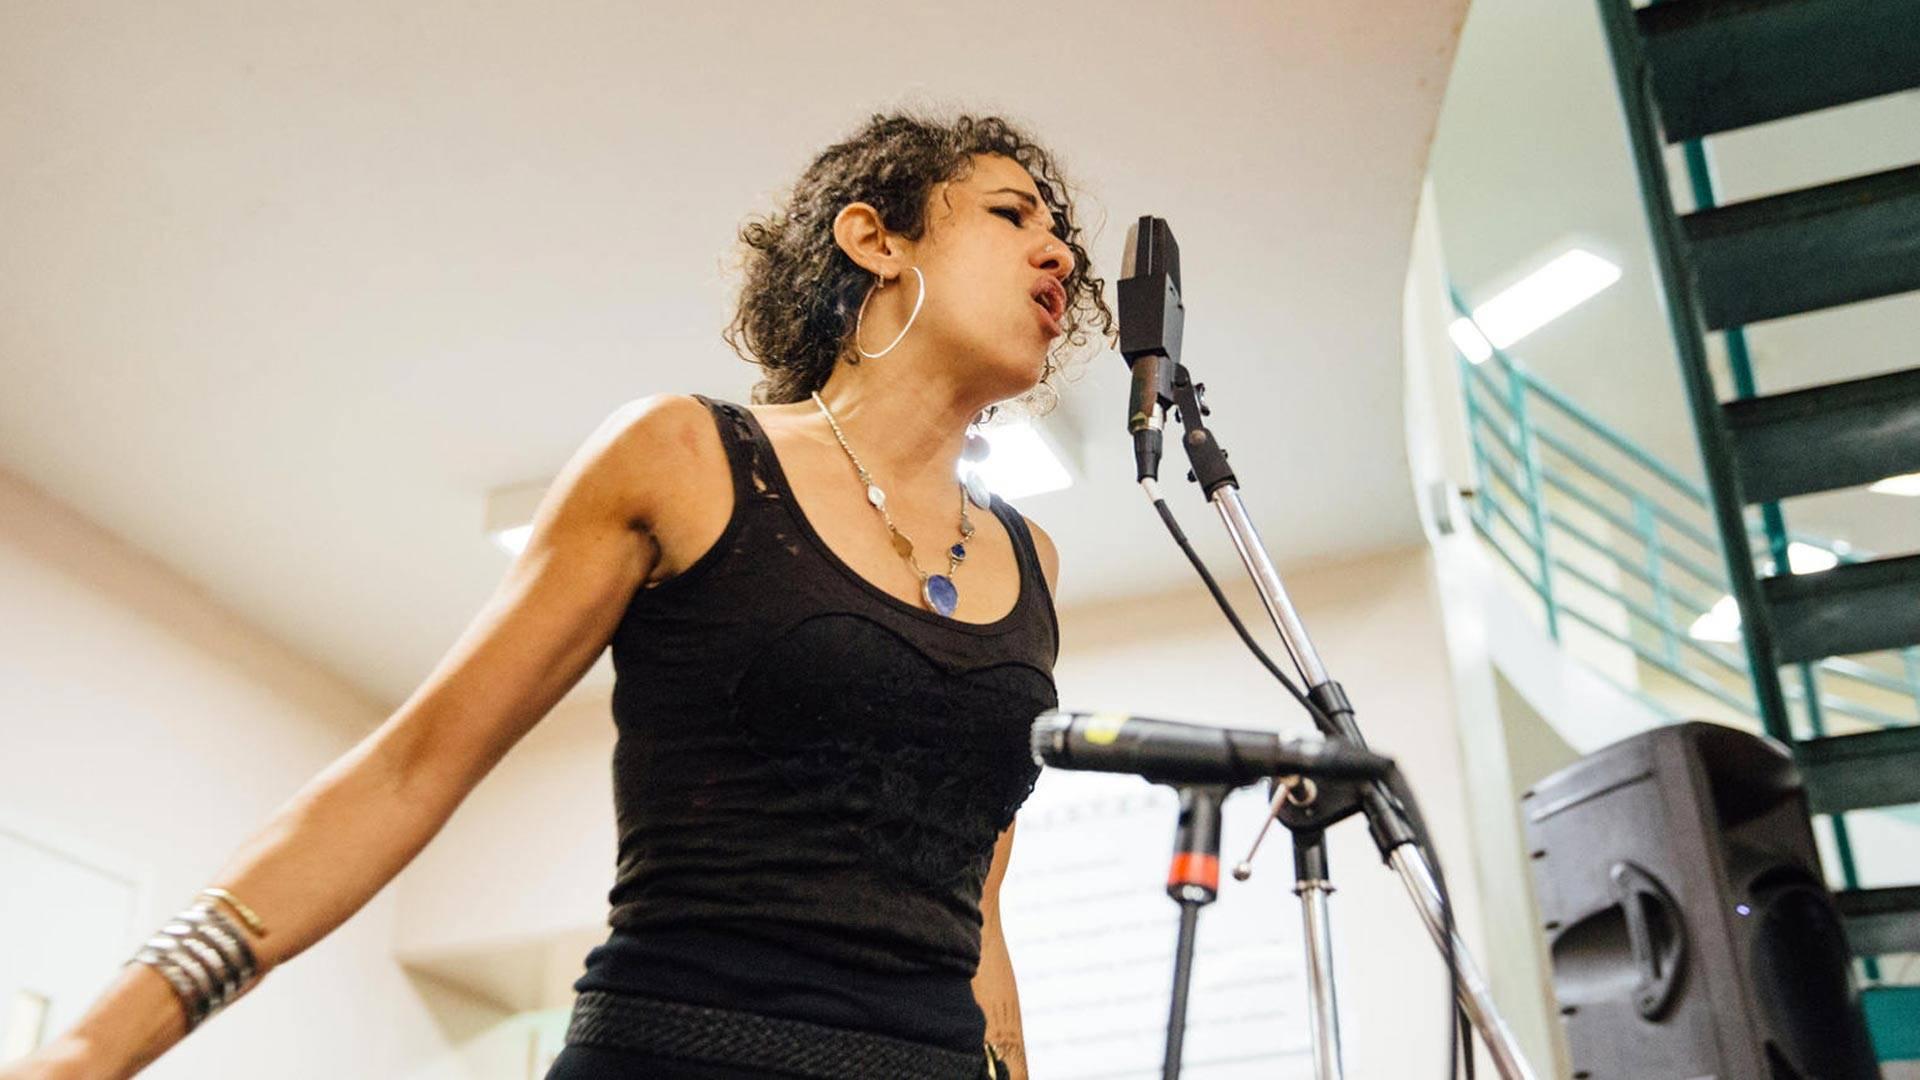 Naima Shalhoub performs for inmates at the San Francisco County Jail in 2015. Sarah Deragon